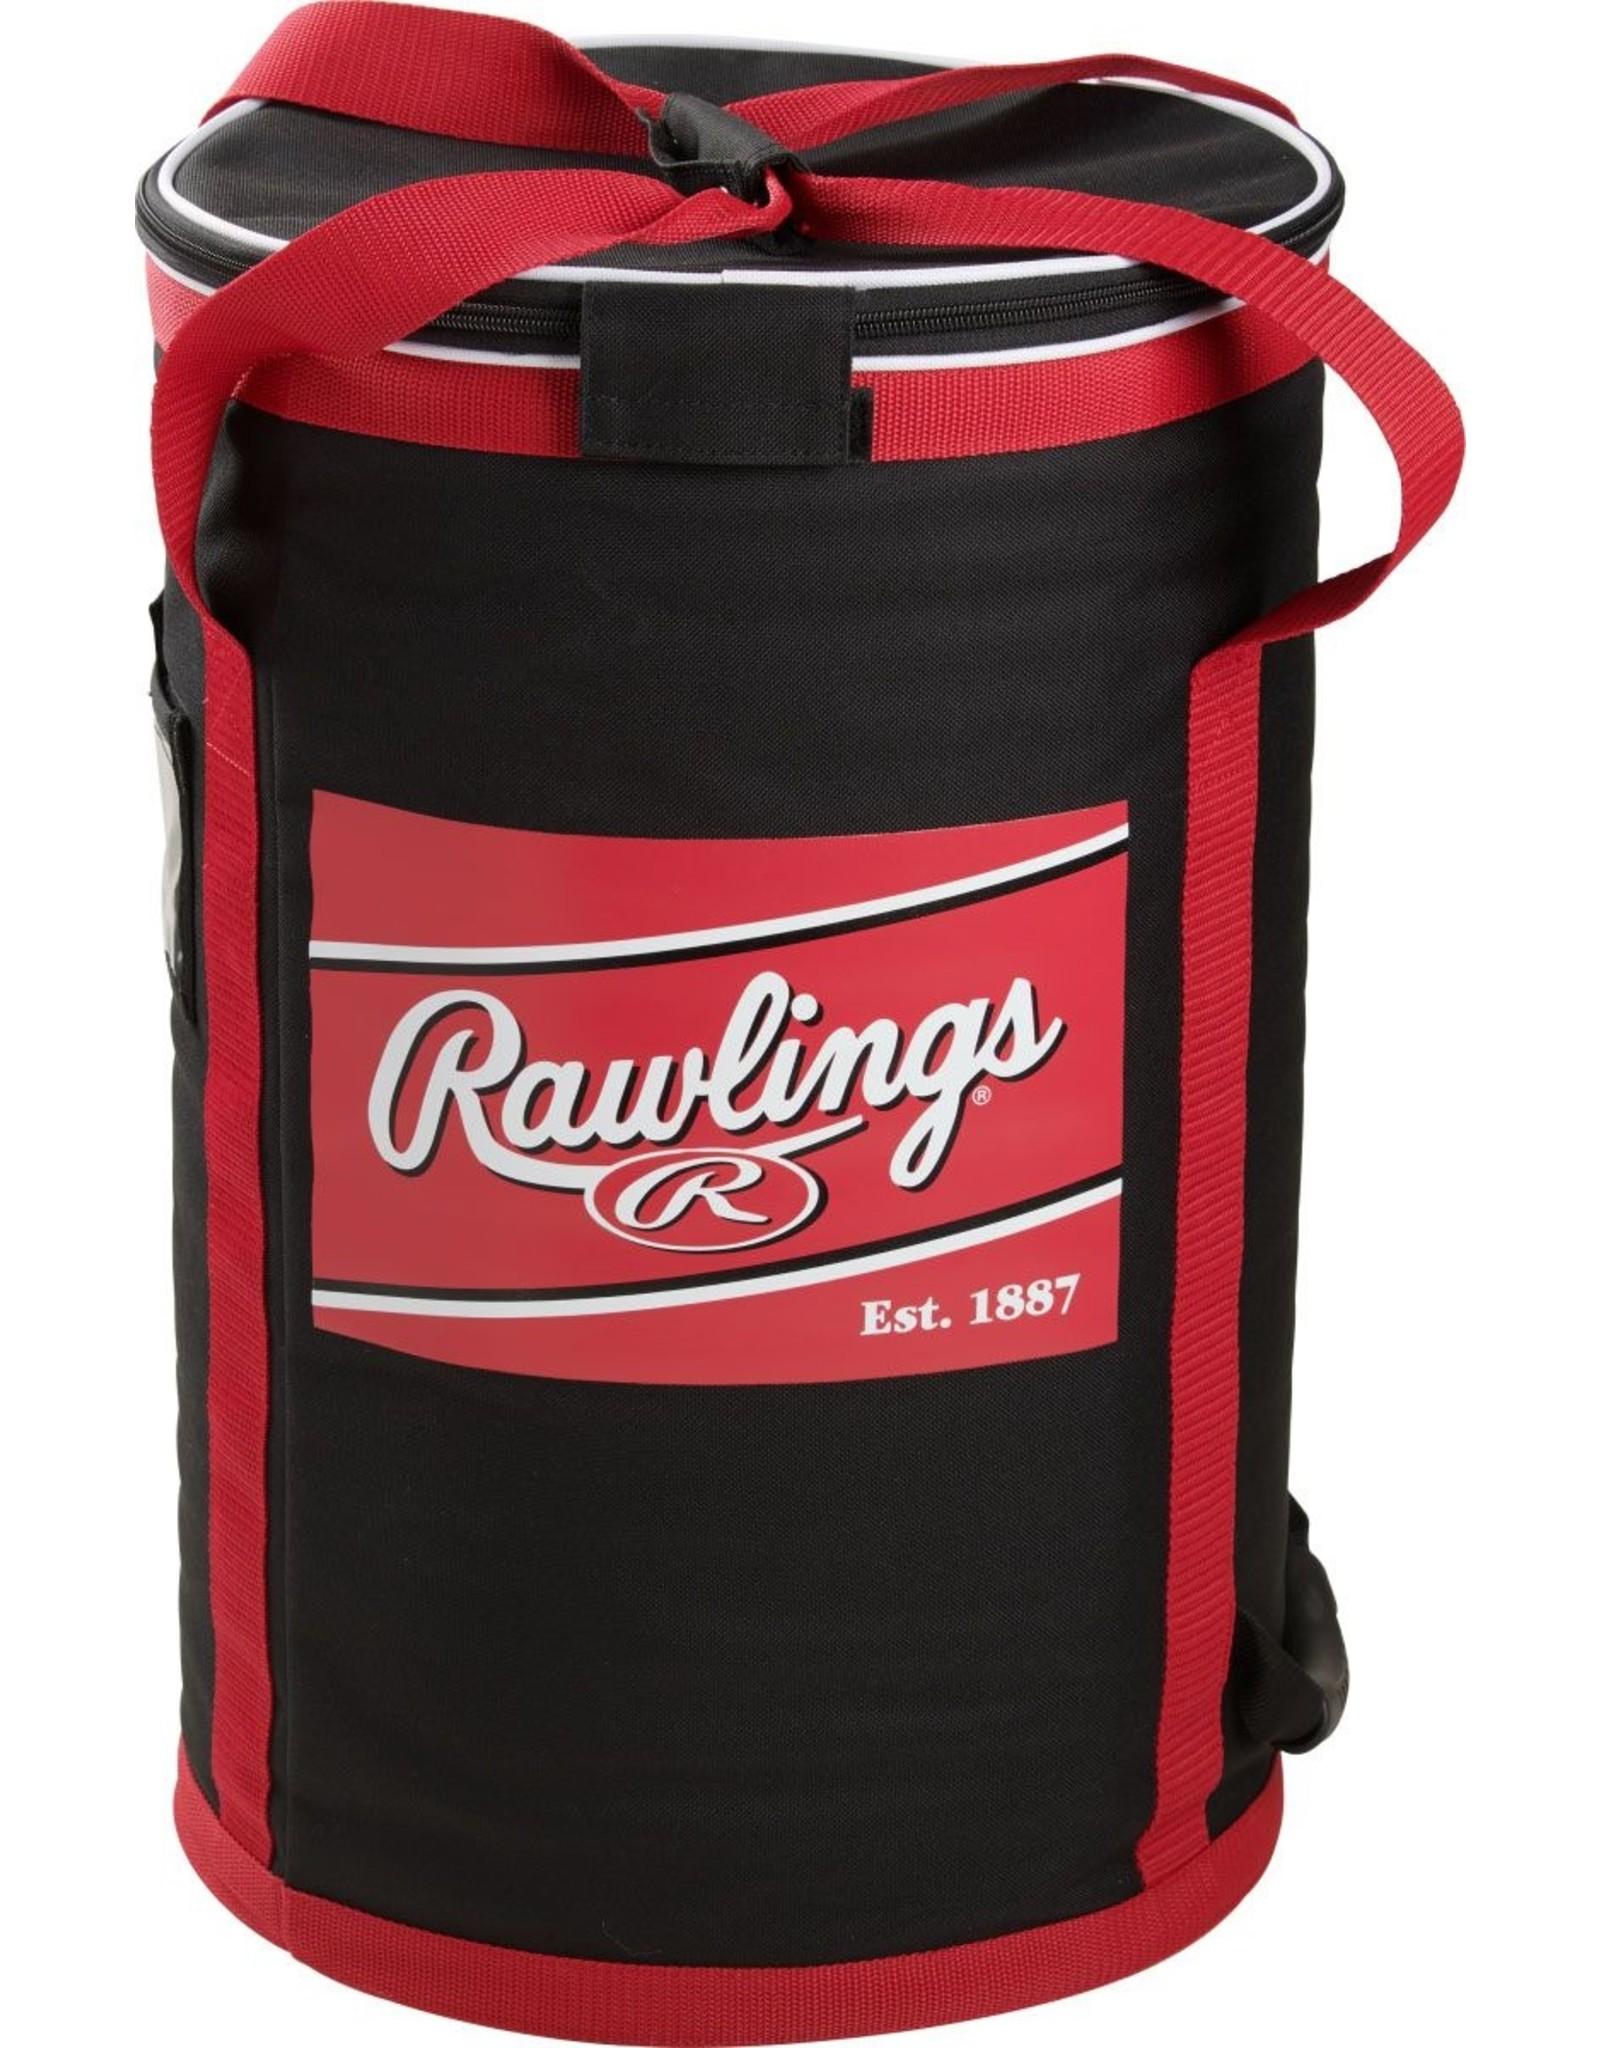 RAWLINGS SOFT SIDE BALL BAG